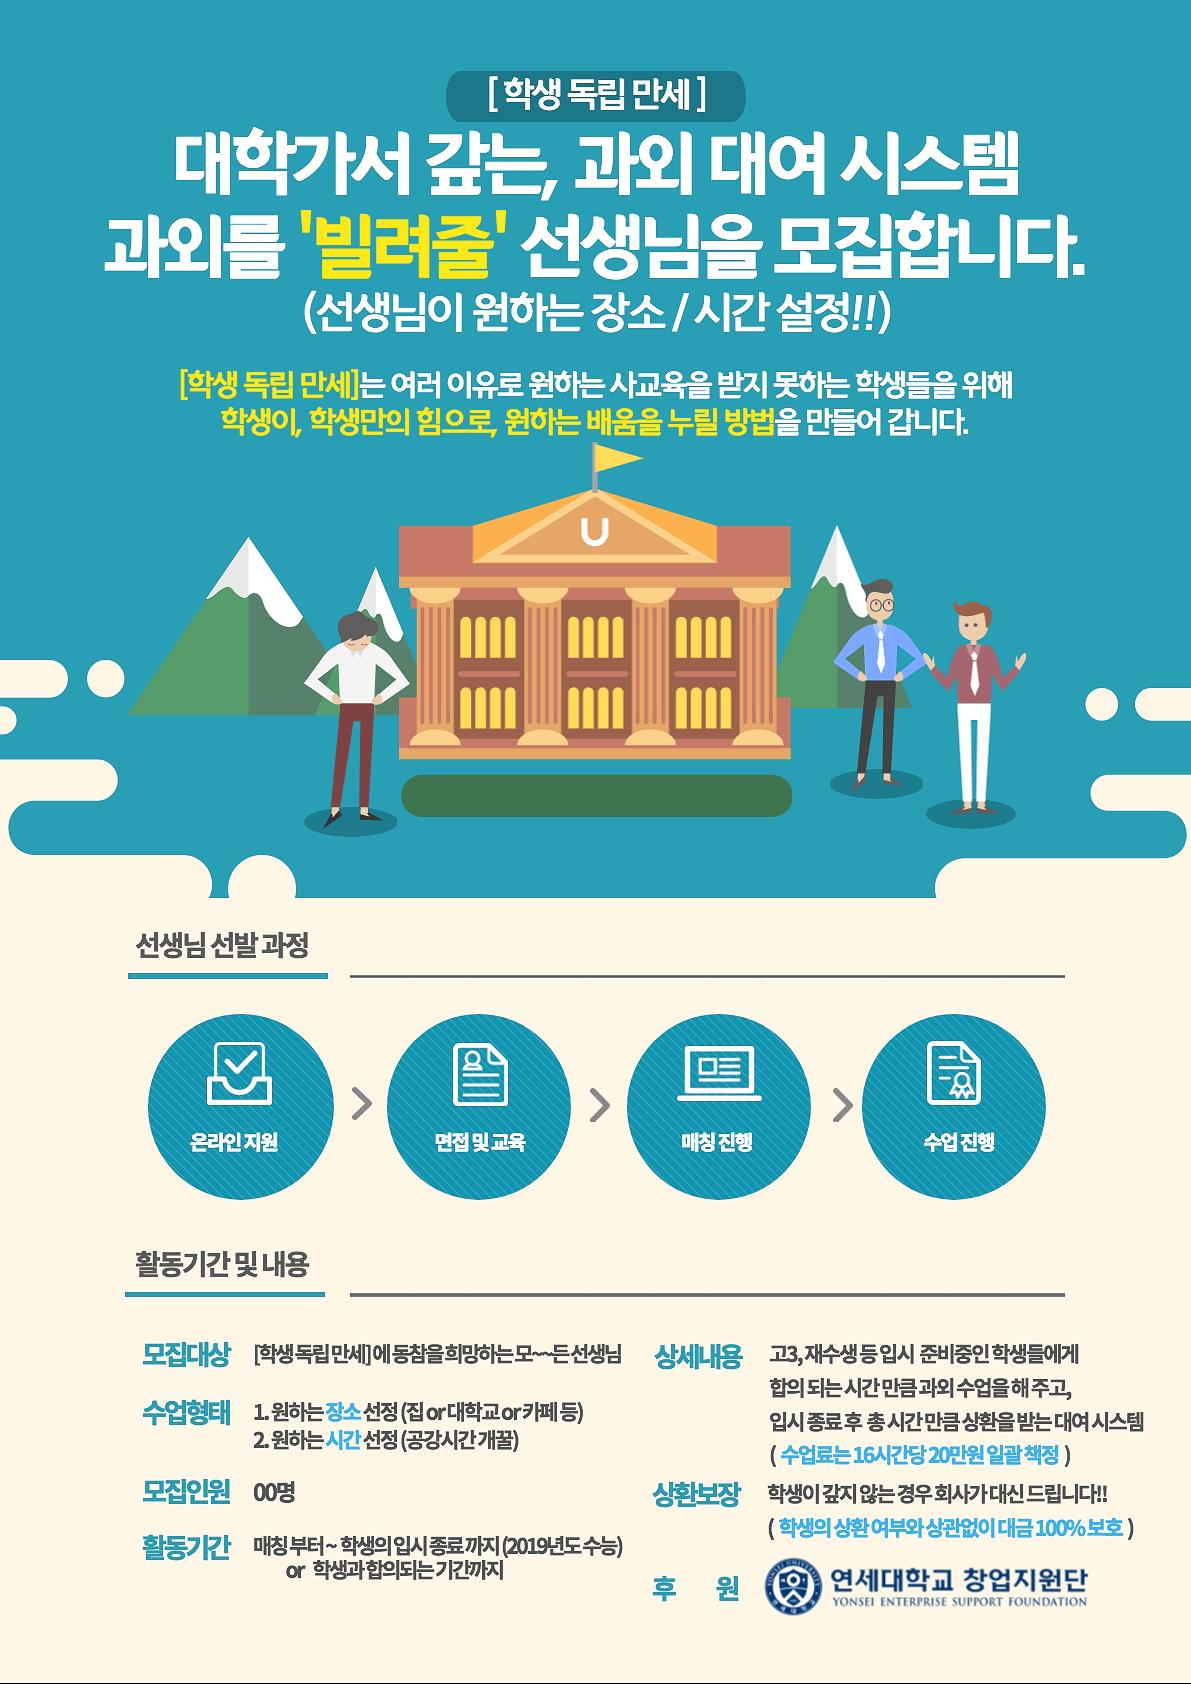 20171130_선생님모집포스터(저용량)_박준우_최종.png